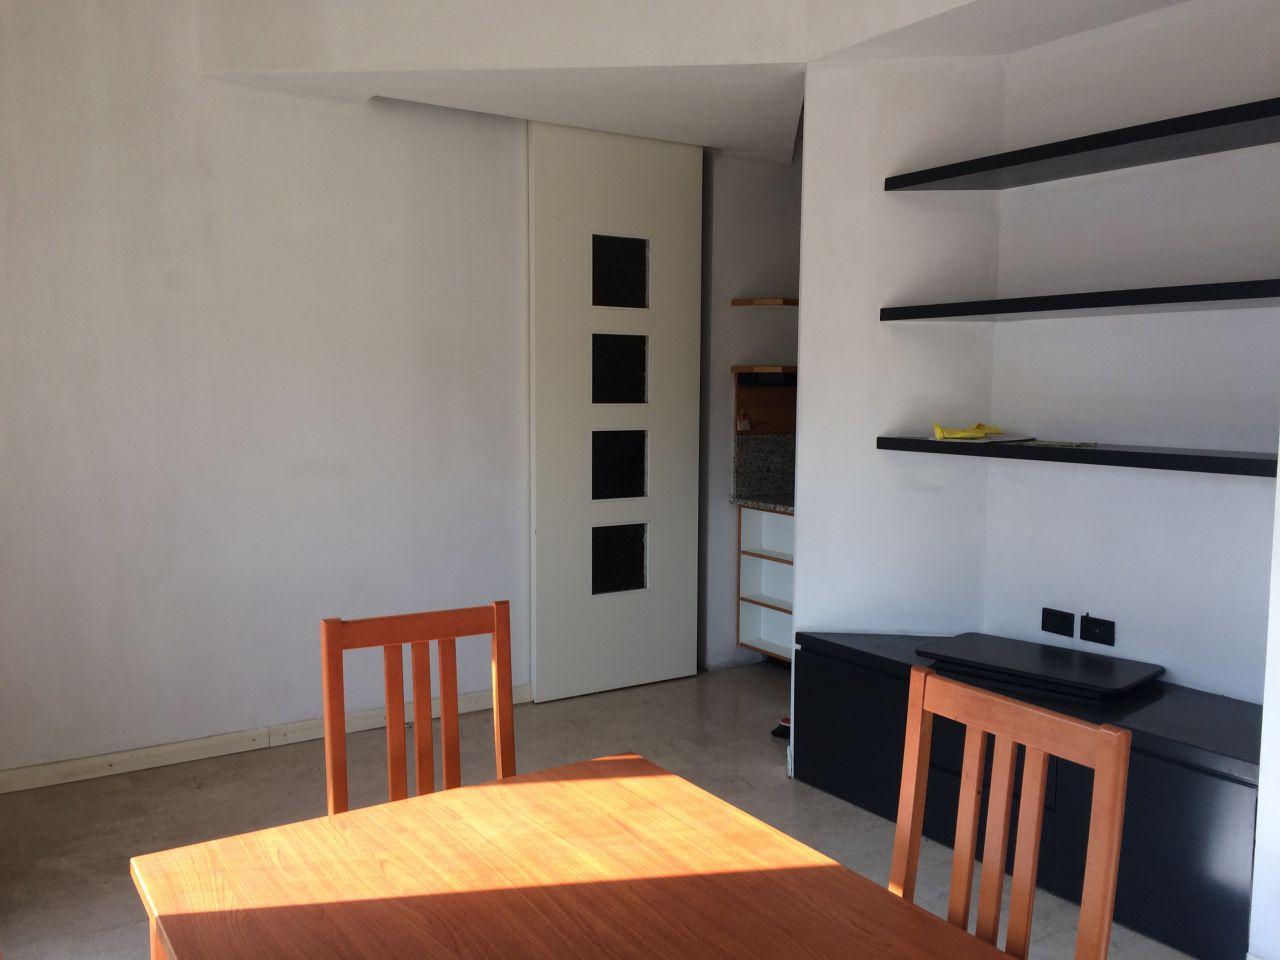 Appartamento in vendita a Anzola dell'Emilia, 3 locali, prezzo € 140.000 | CambioCasa.it